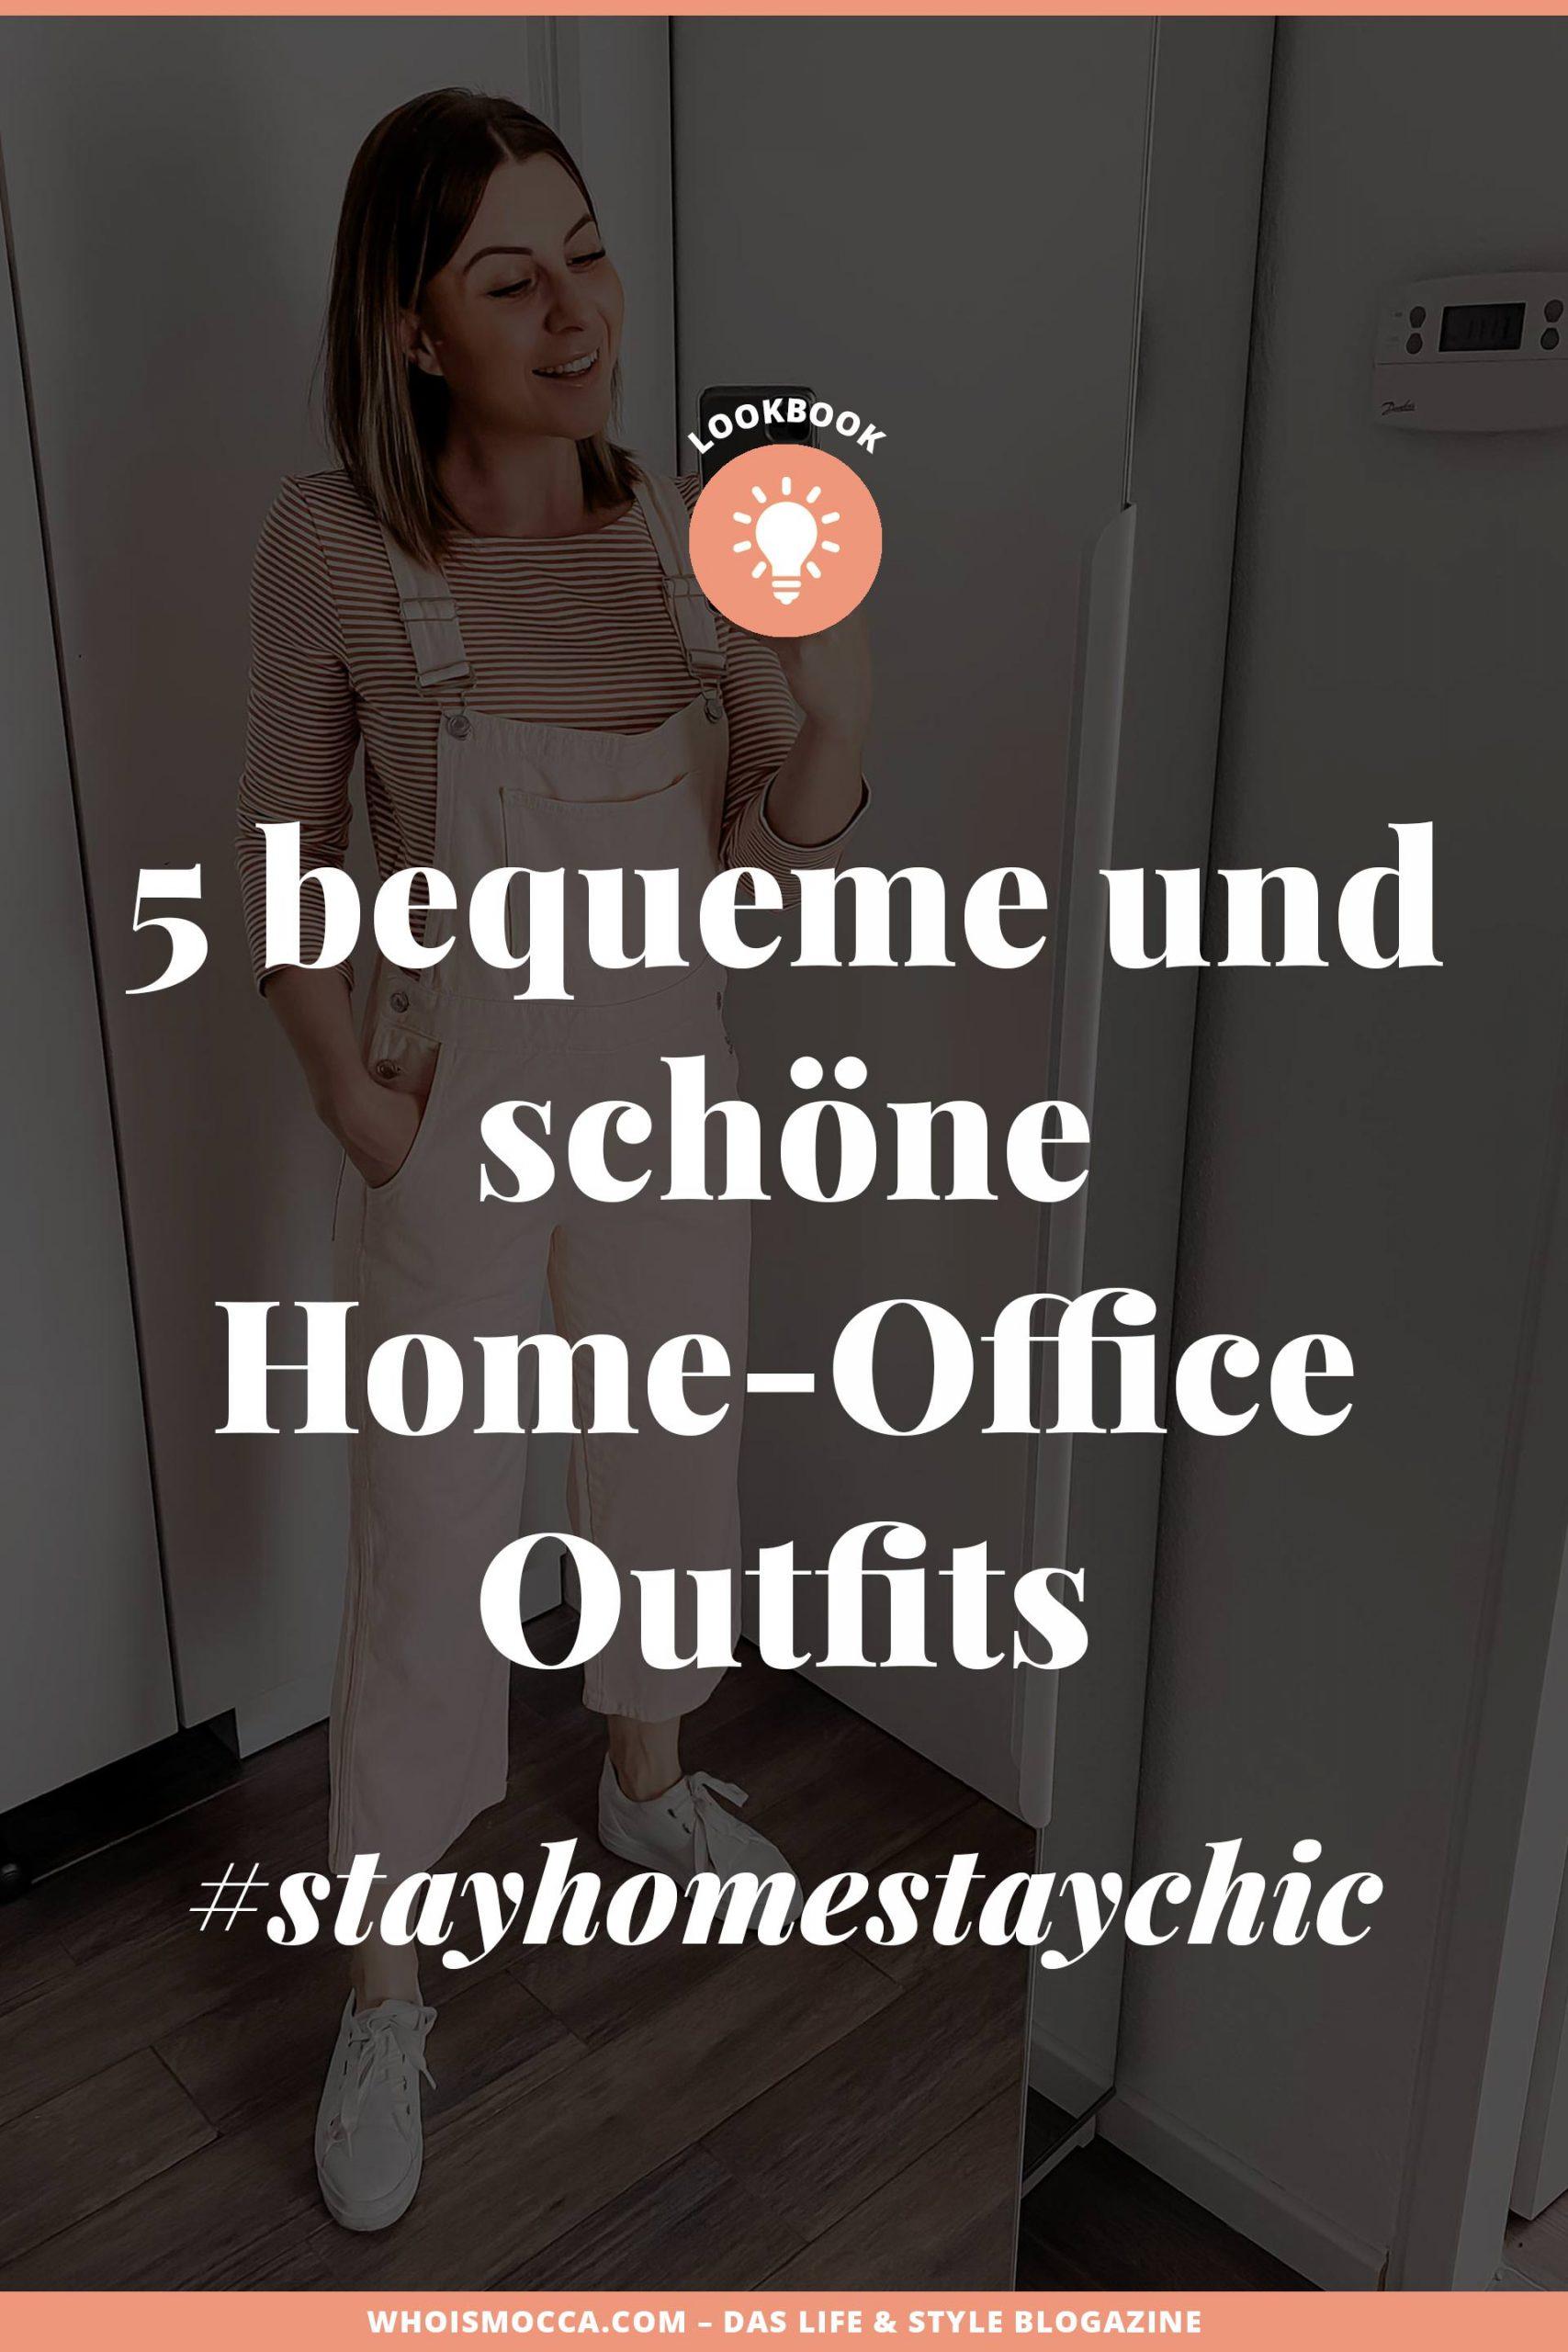 Während ich seit mehreren Jahren produktiv im Home Office arbeite, ist es für viele aktuell absolutes Neuland. 5 Home Office Outfits von Montag bis Freitag gibt es daher heute am Modeblog. #stayhomestaychic #homeoffice